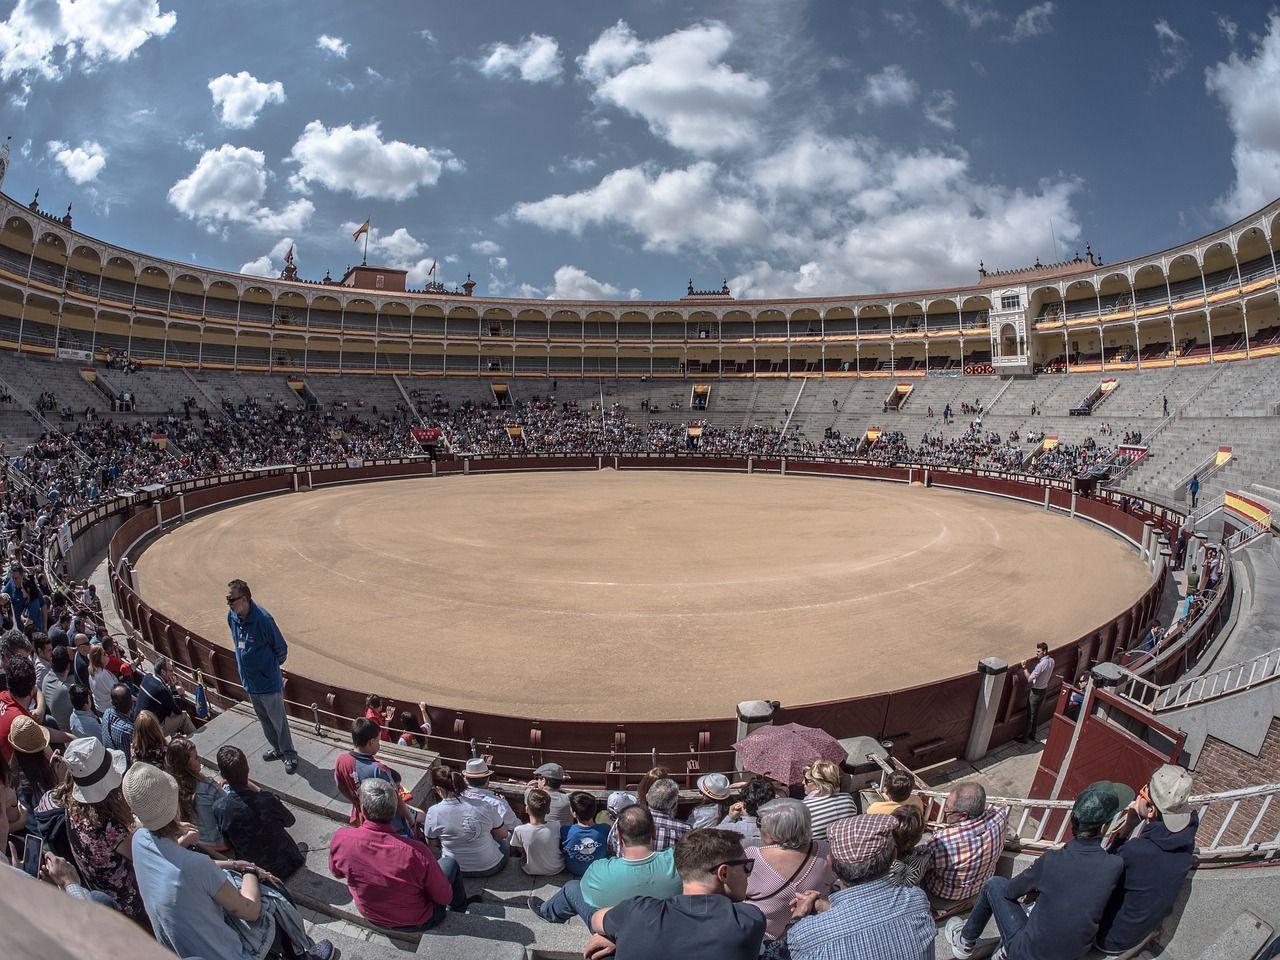 Visita a la plaza de toros de las ventas en madrid - Tarimas del mundo madrid ...